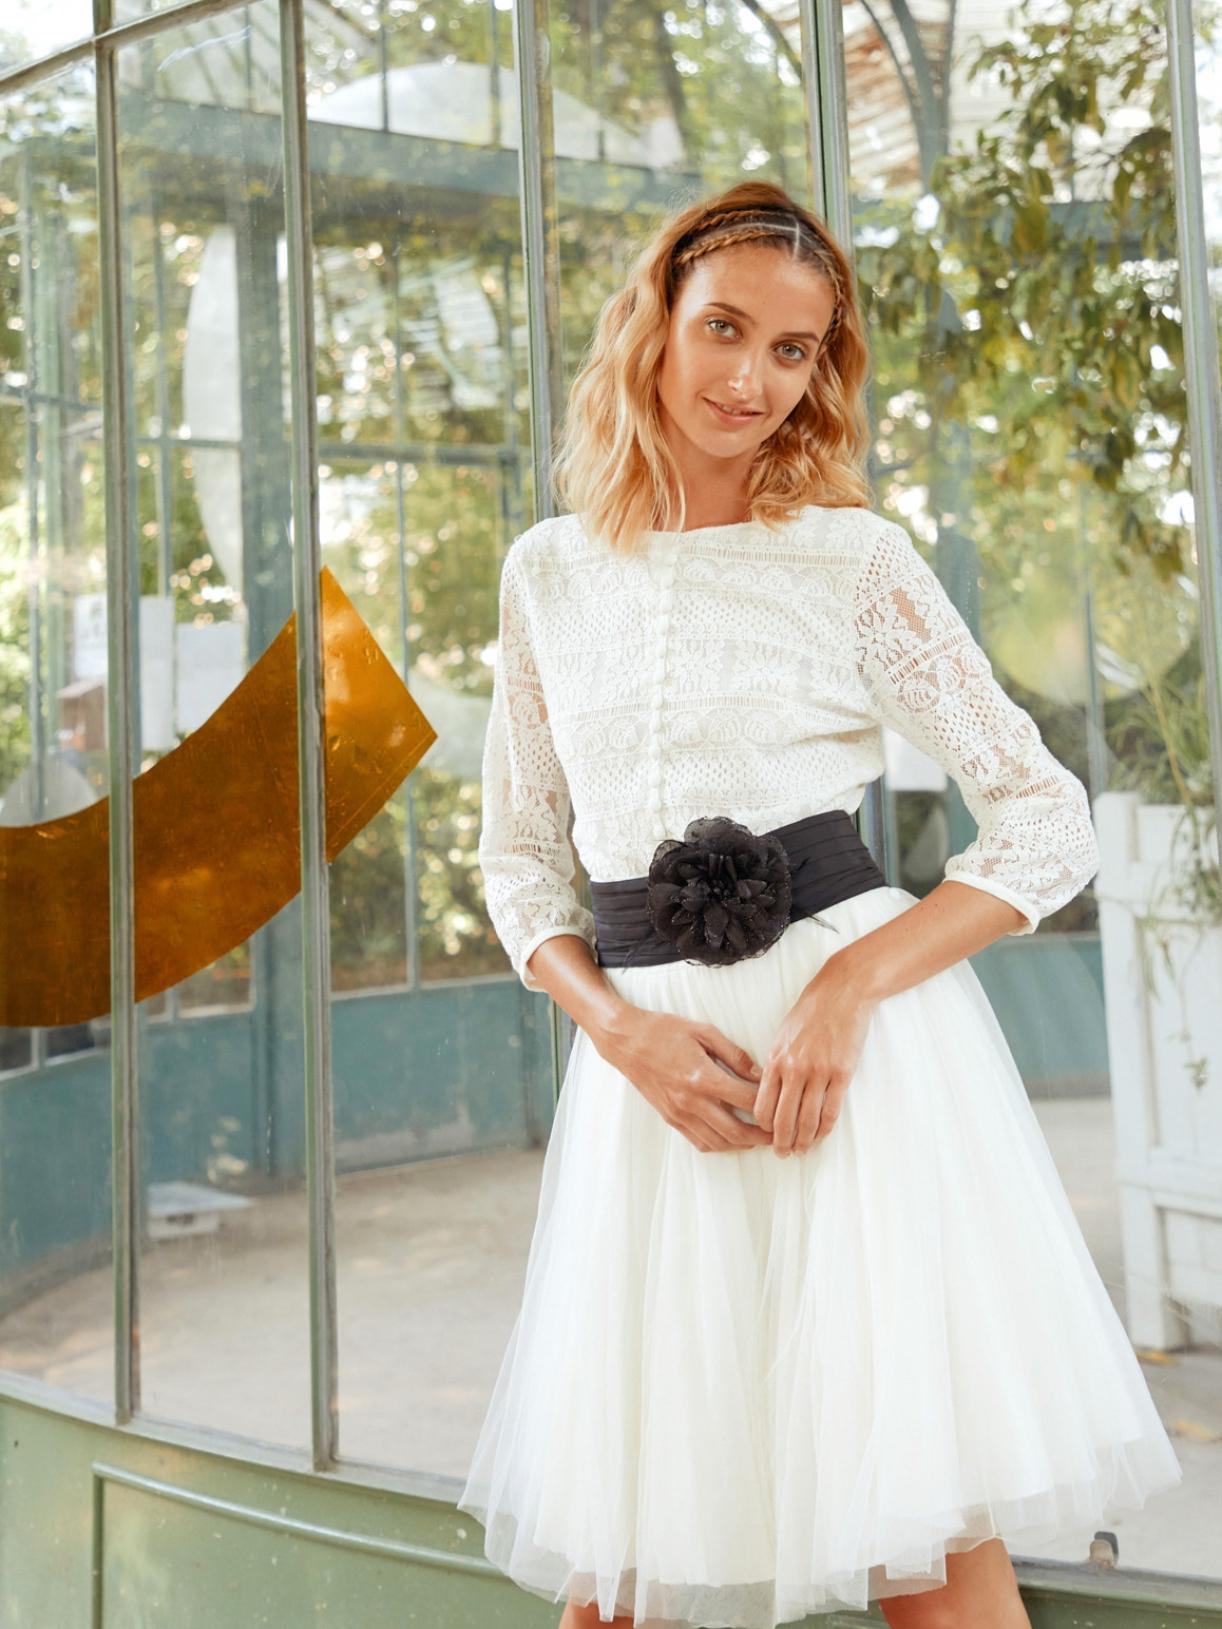 ROSE - Robe de mariée courte jupon de ballerine en tulle créateur et sur-mesure pas cher a Paris - Myphilosophy